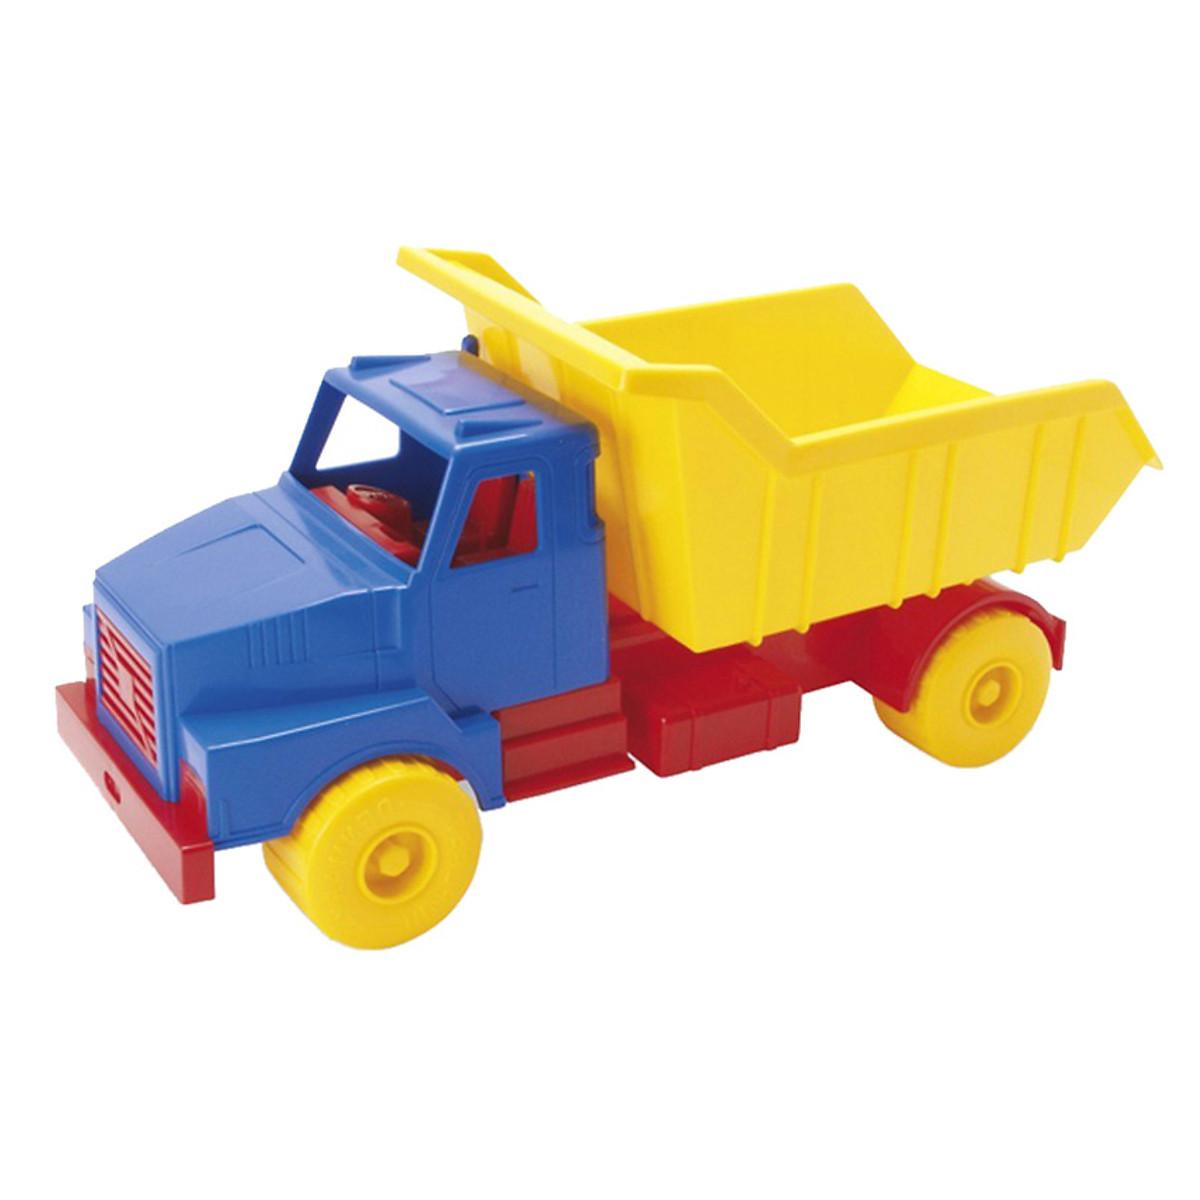 Xe Tải đồ chơi cho bé Dantoy 45cm